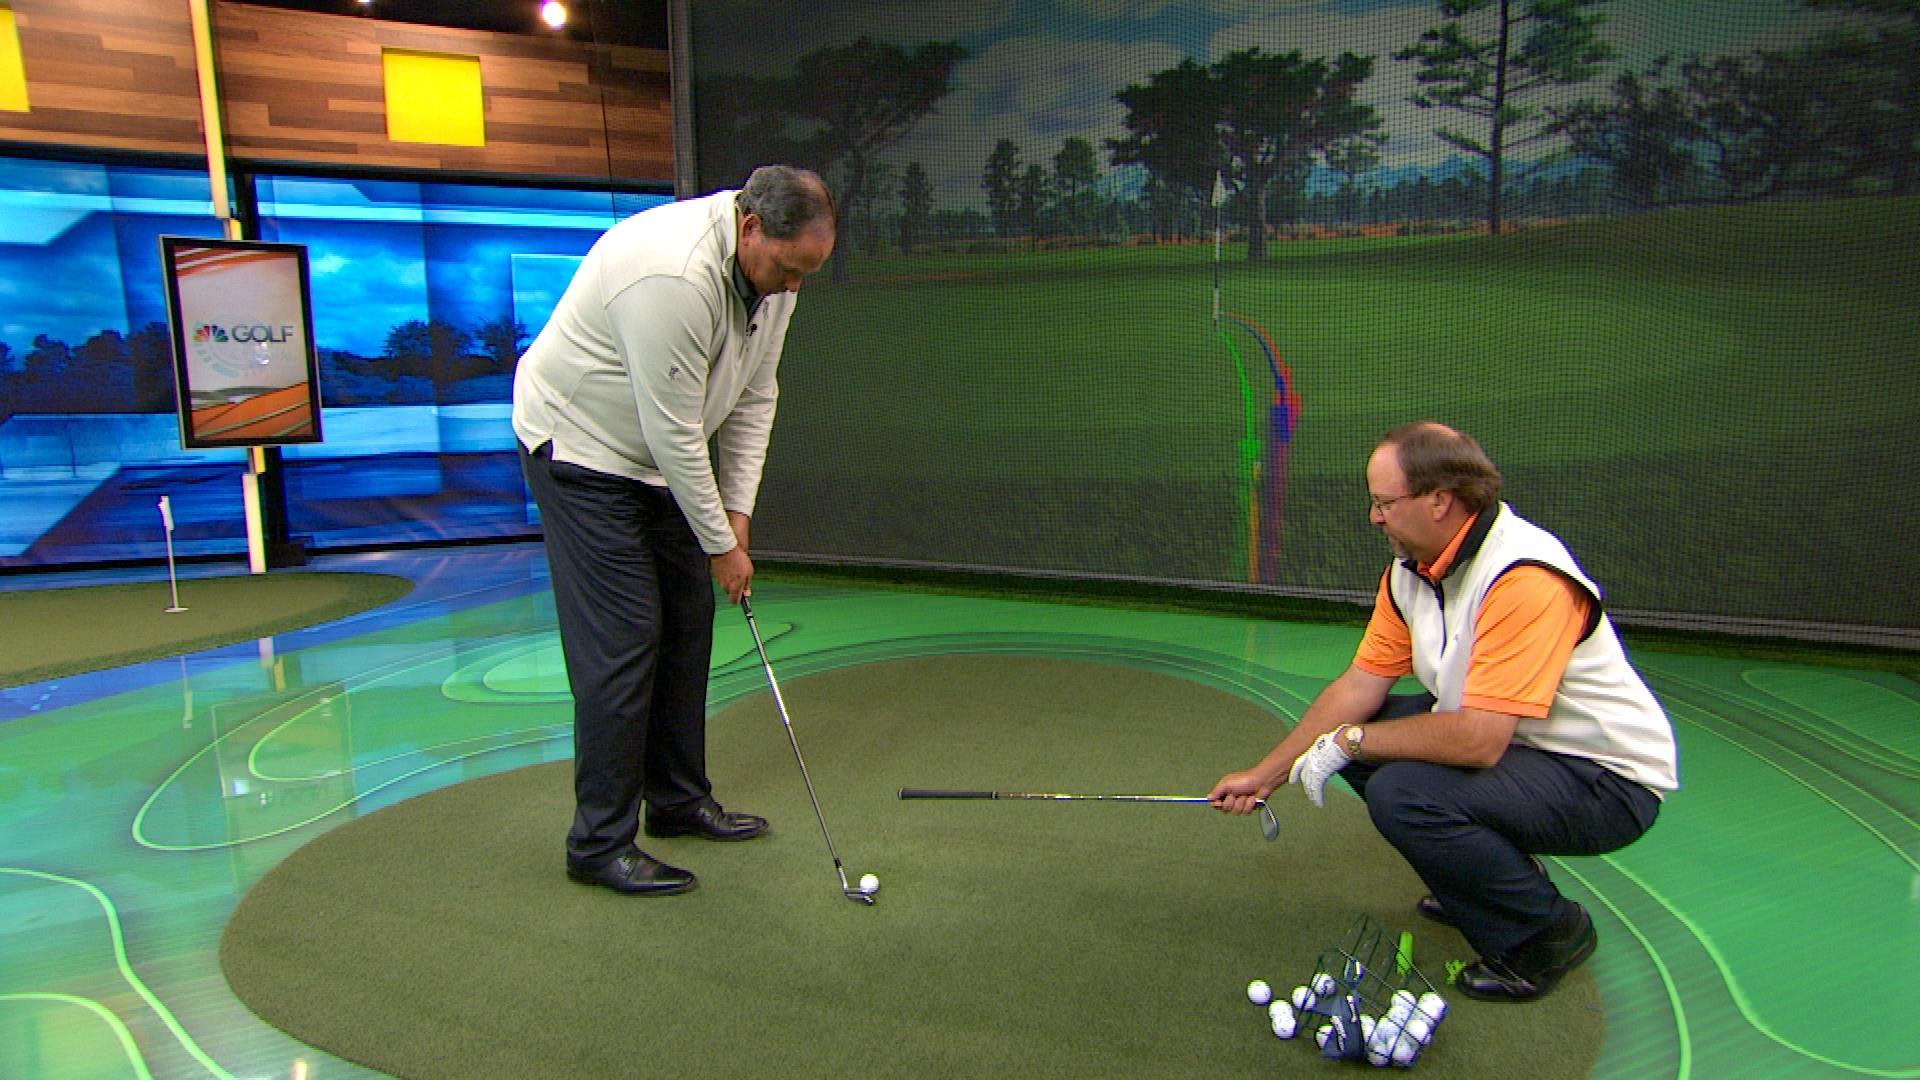 http://www golfchannel com/media?guid=89167fed-7b9a